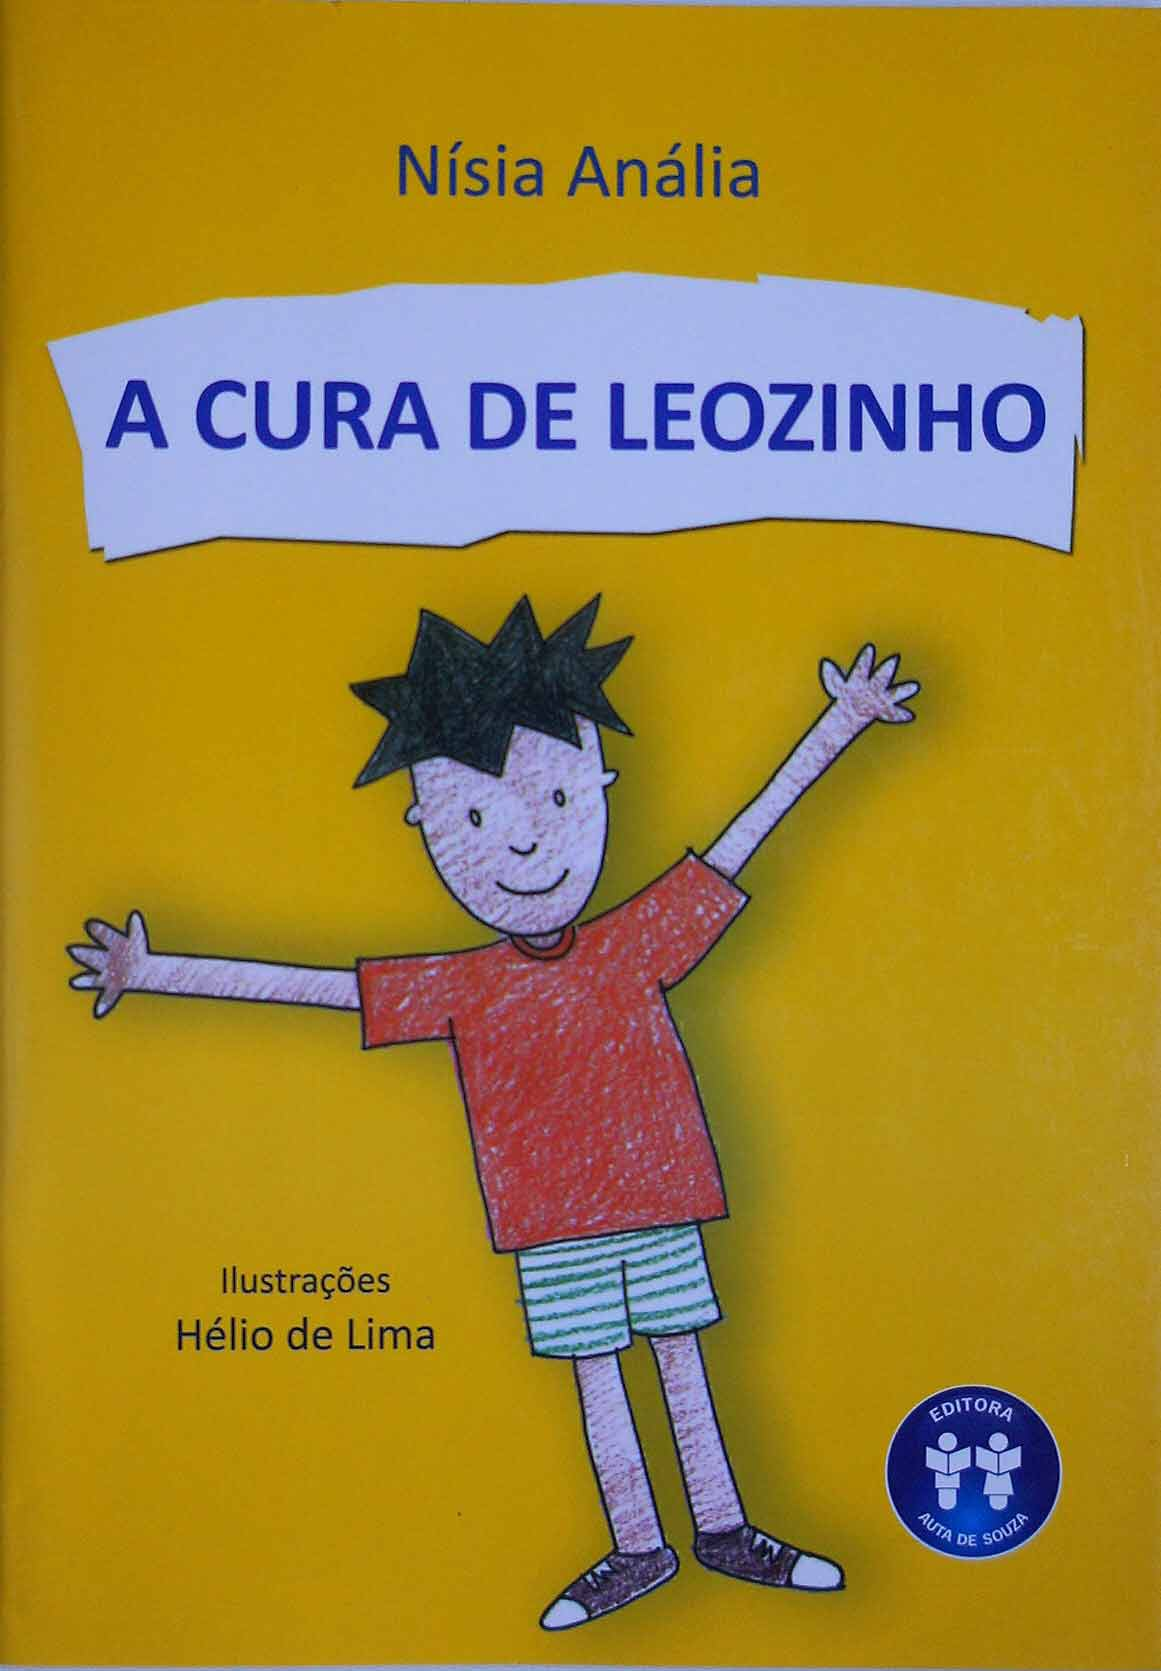 CURA DE LEOZINHO, A